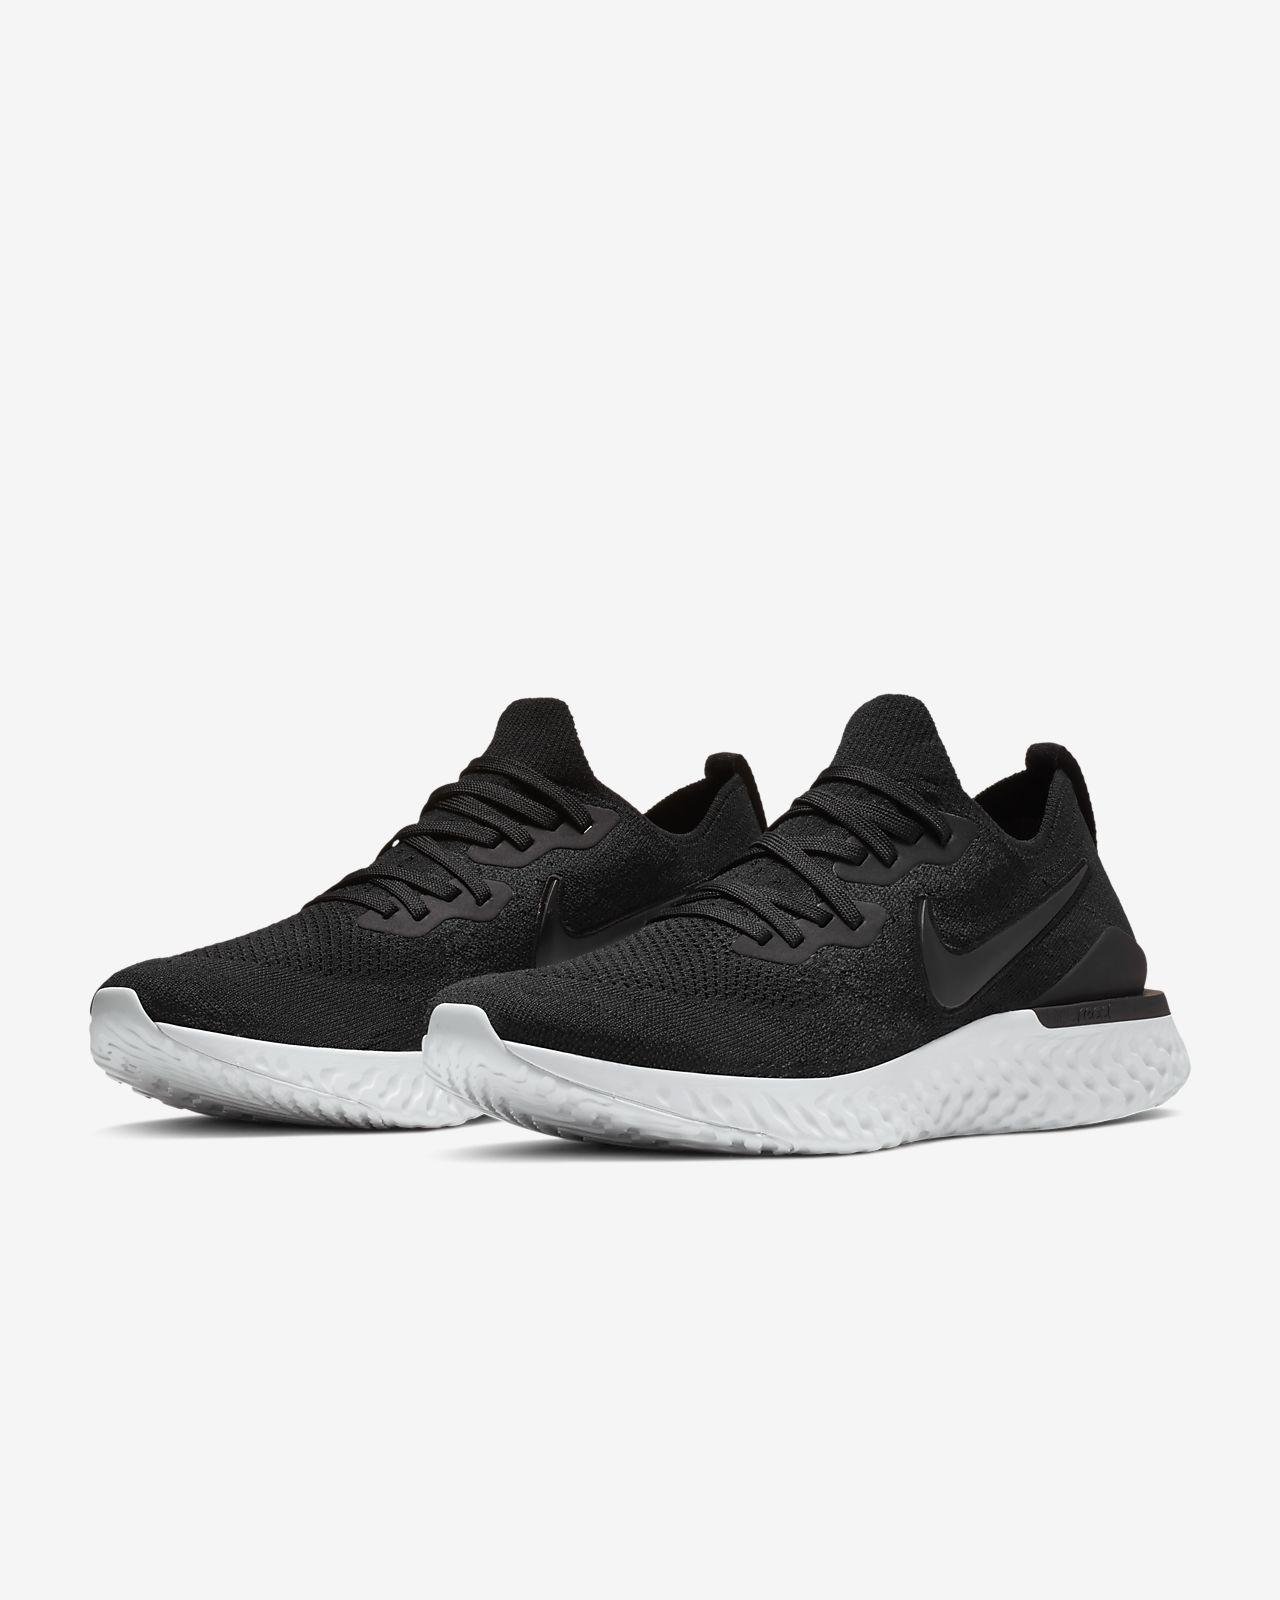 c5955c76d Nike Epic React Flyknit 2 Men's Running Shoe. Nike.com